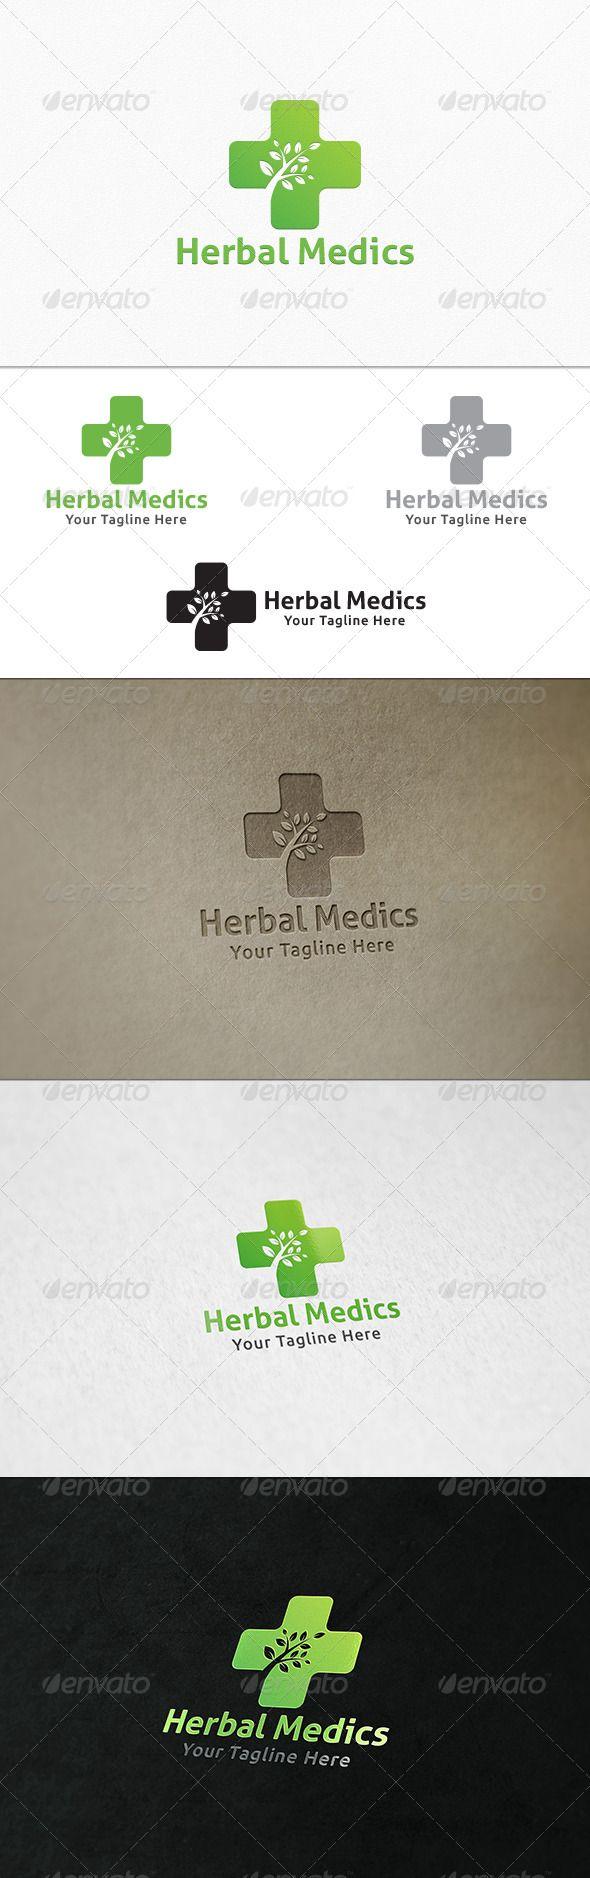 Herbal Medics - Logo Template